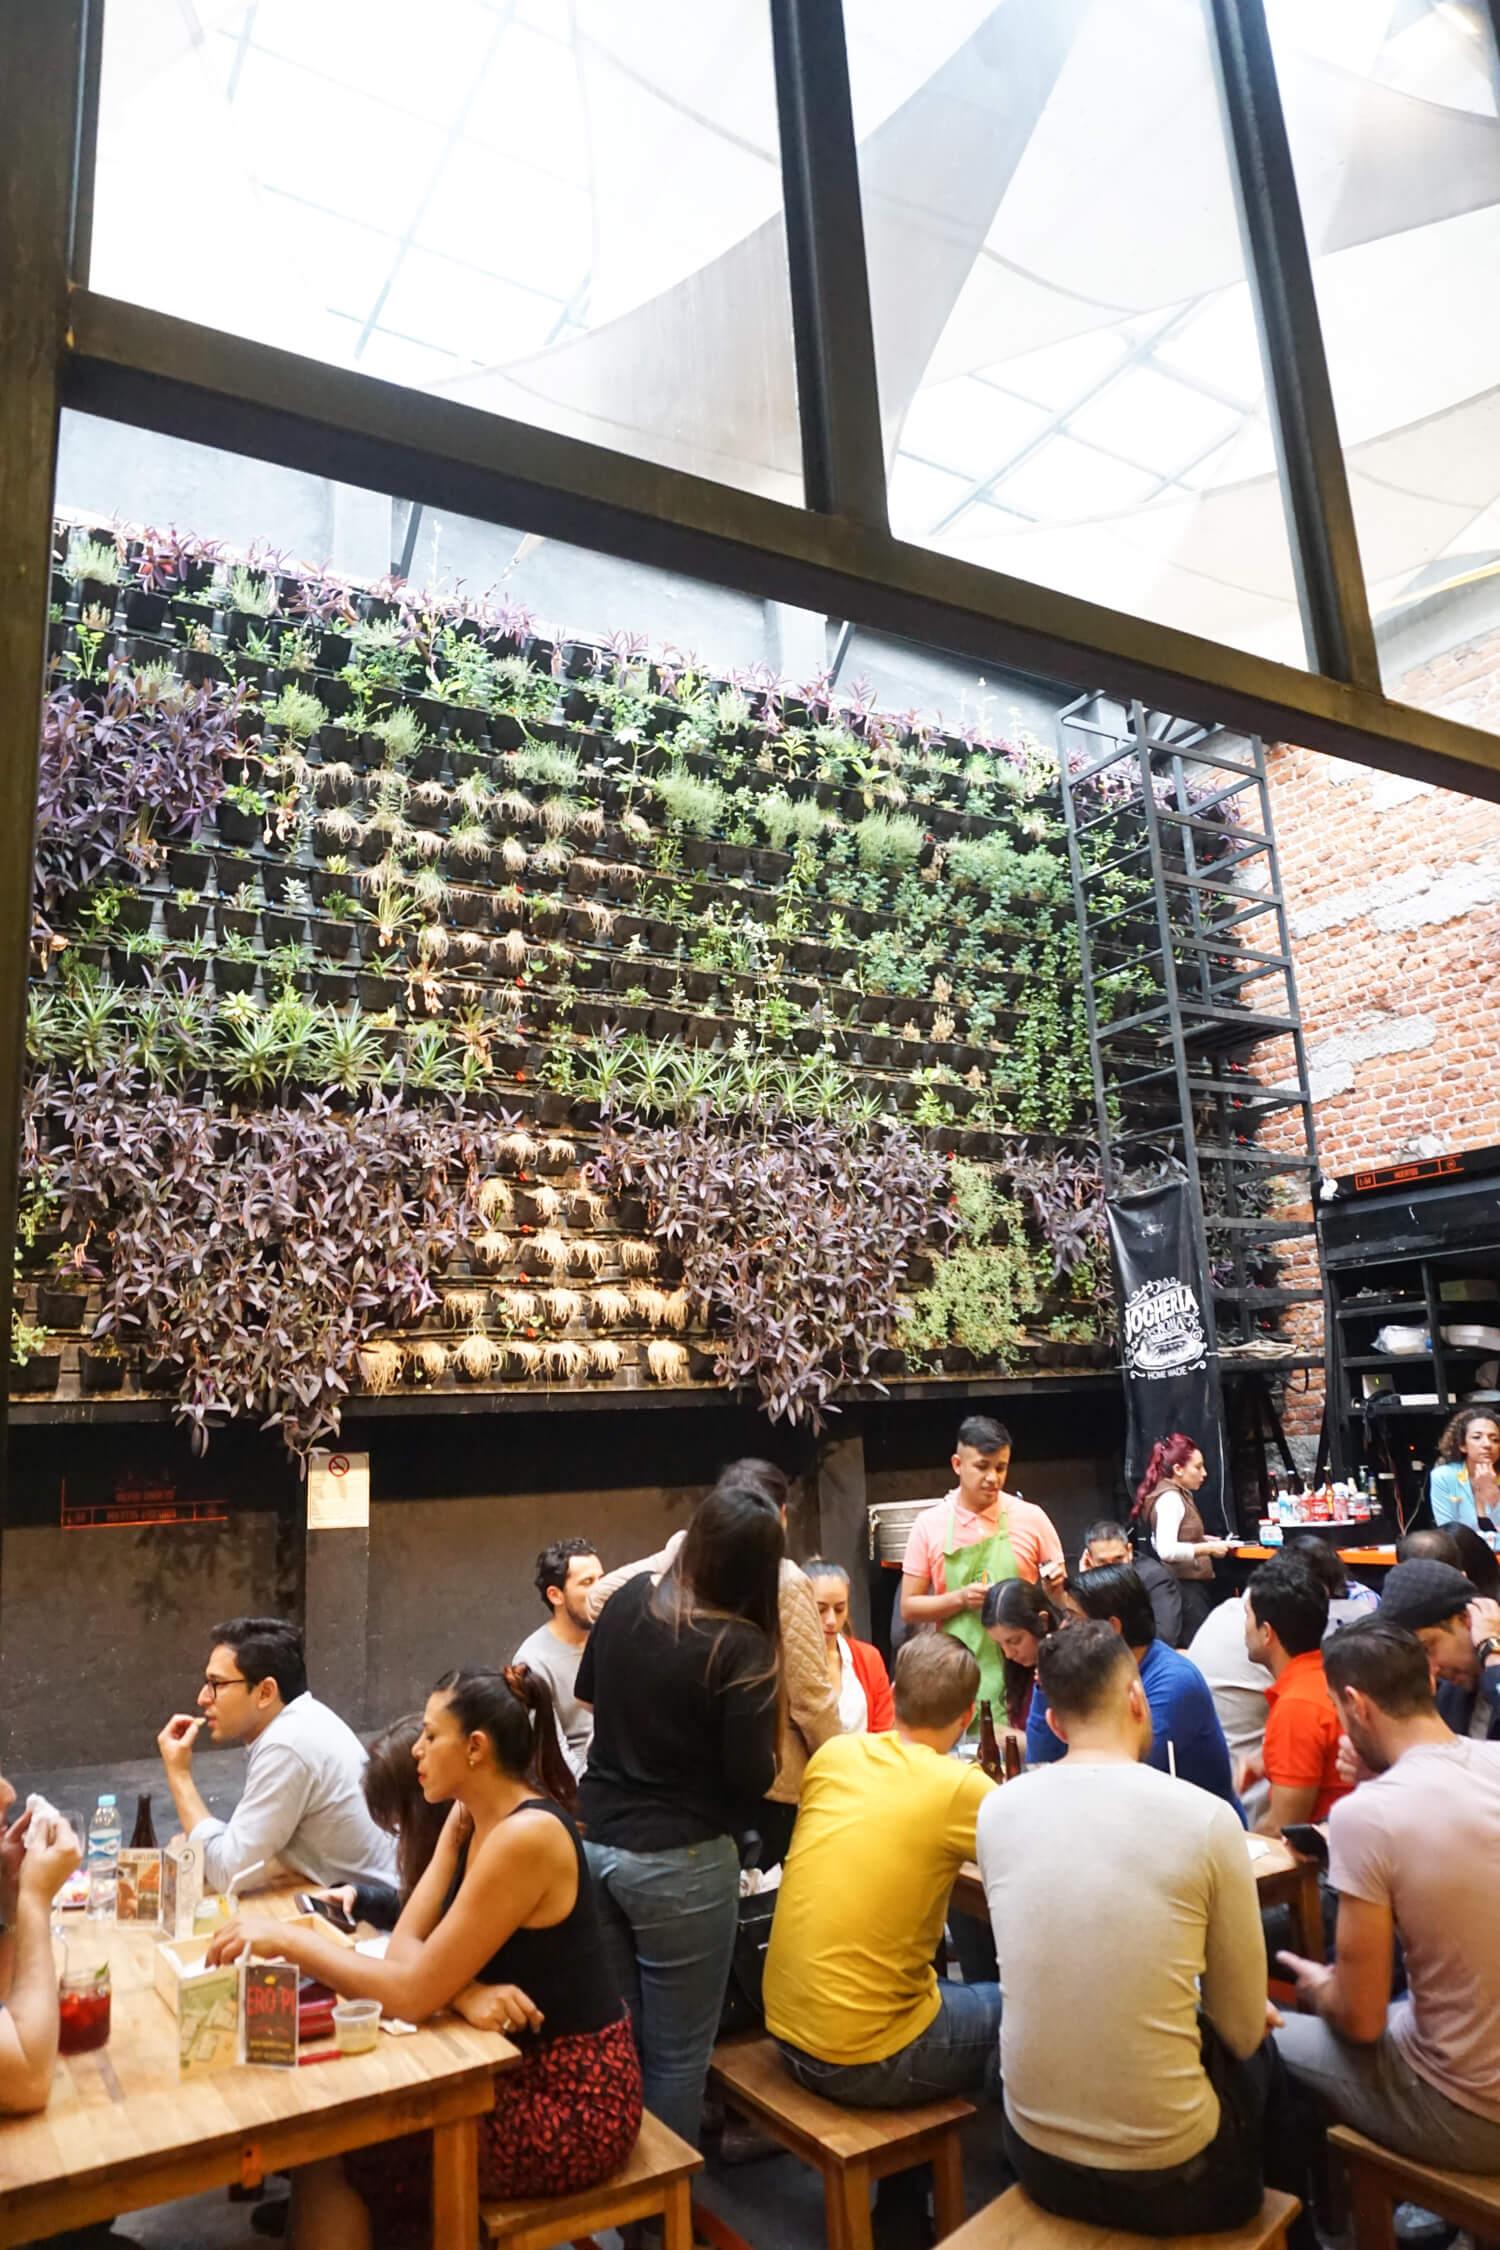 Where to eat in Mexico City: Mercado Roma